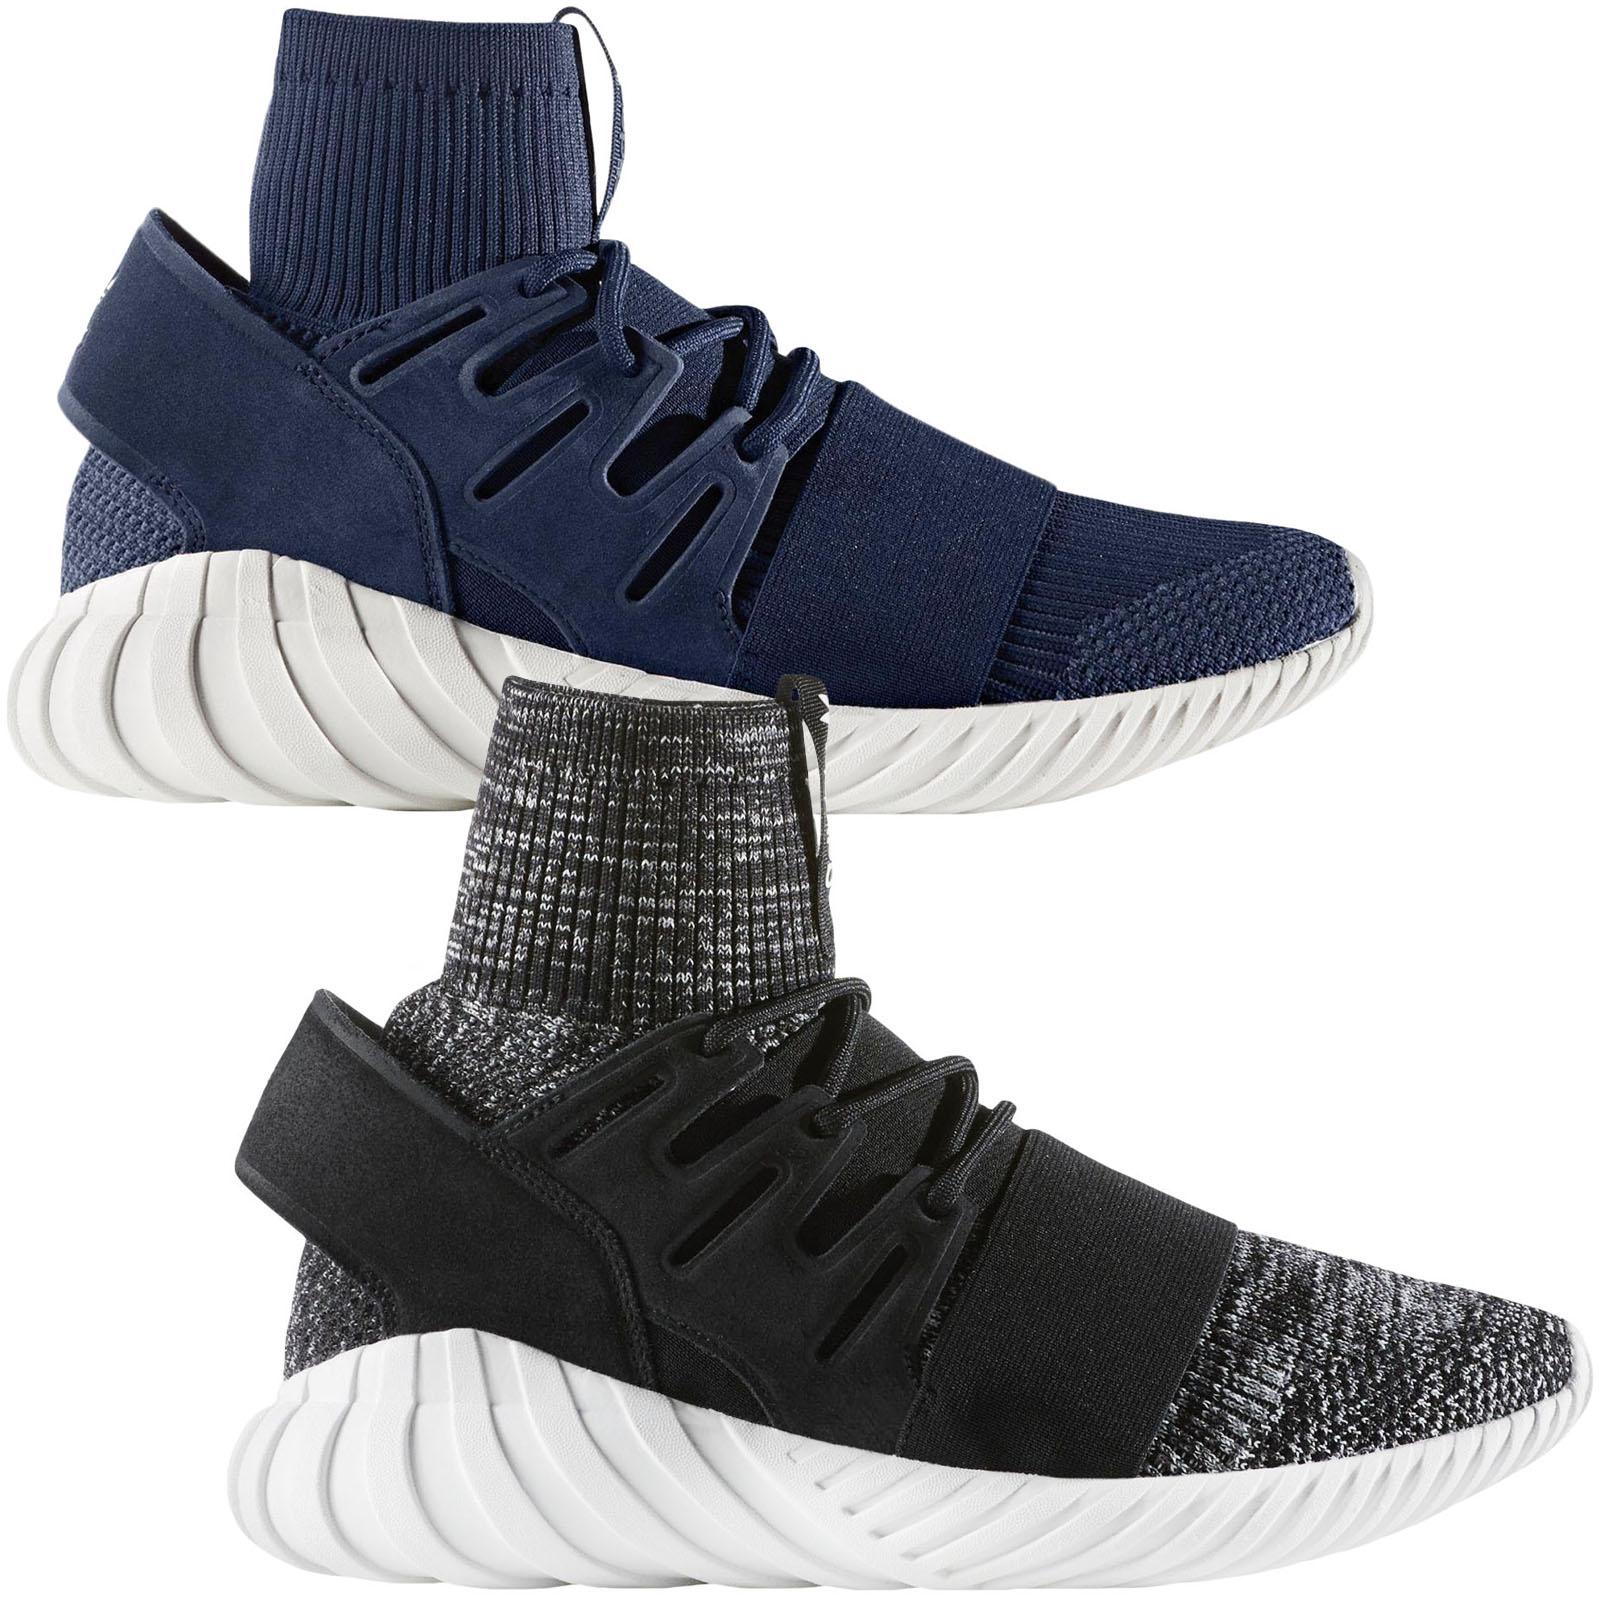 chaussettes adidas originaux tubulaire primeknit primeknit